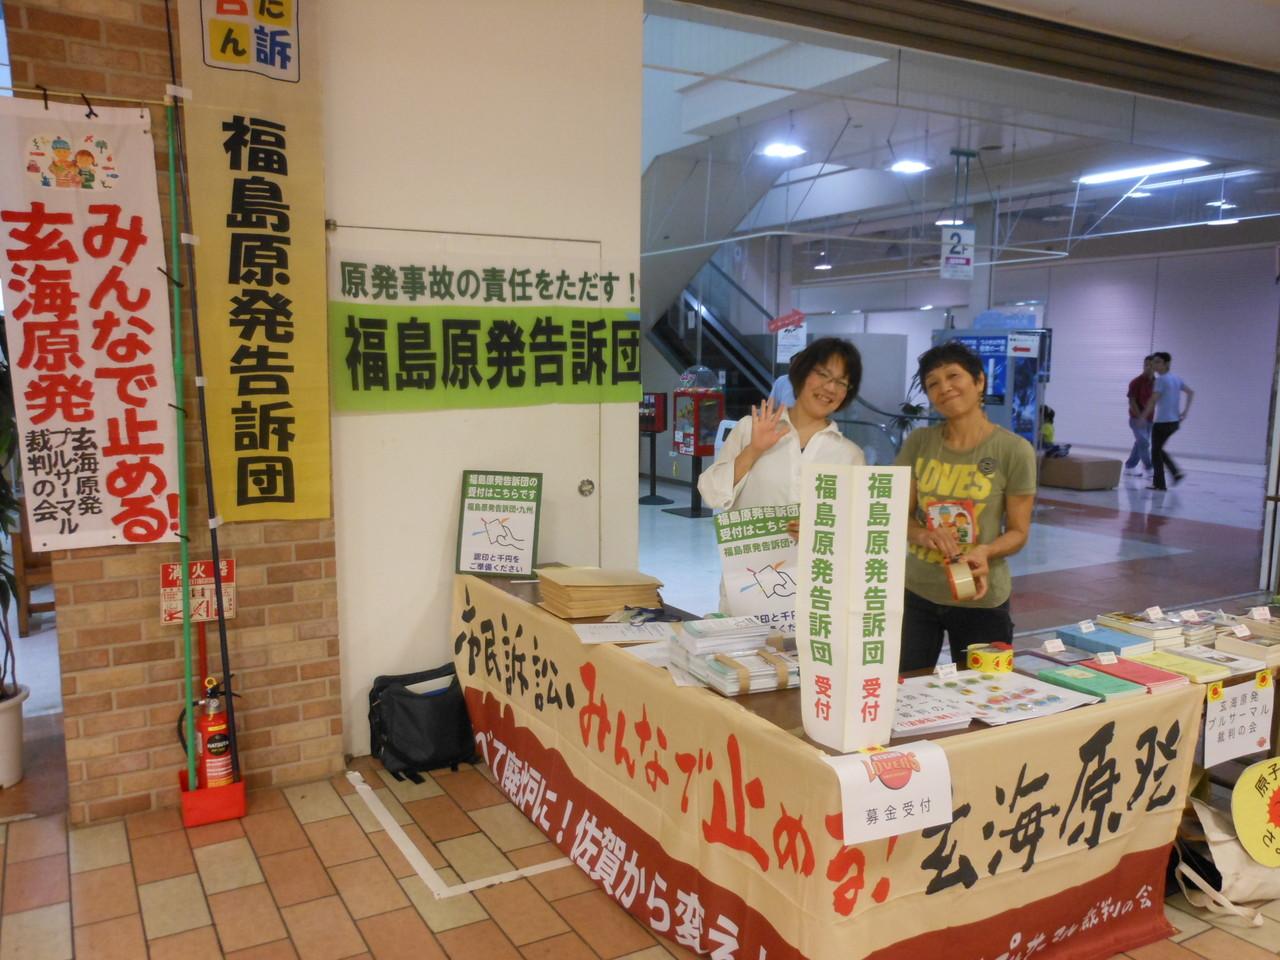 2012.9.17 イベントでブース出展(東日本支援ライブ)